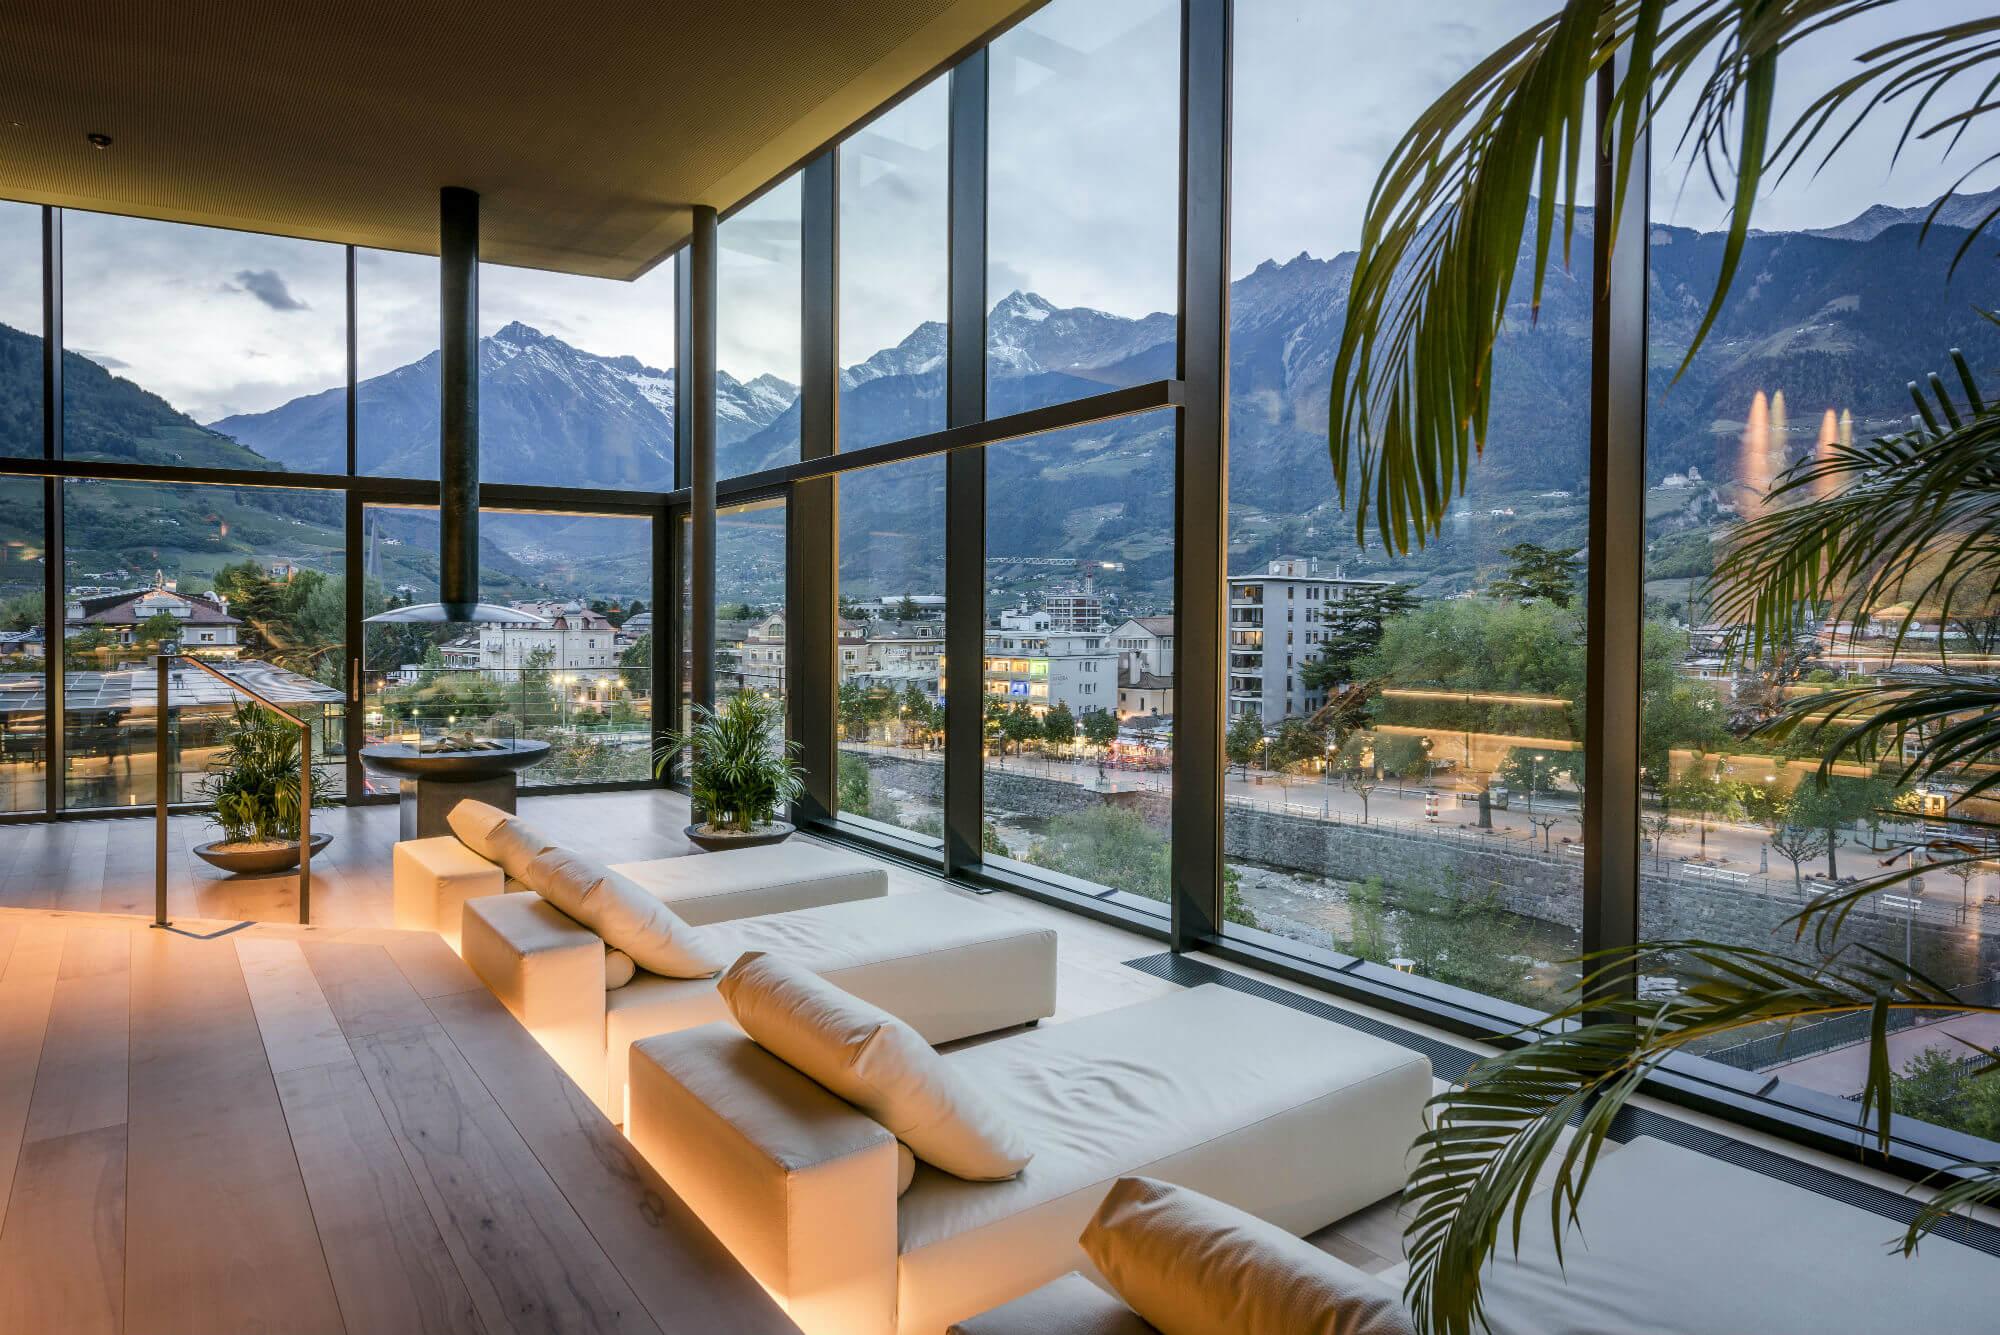 hotel therme meran 2785 DESIGN HOTEL SULLE ALPI